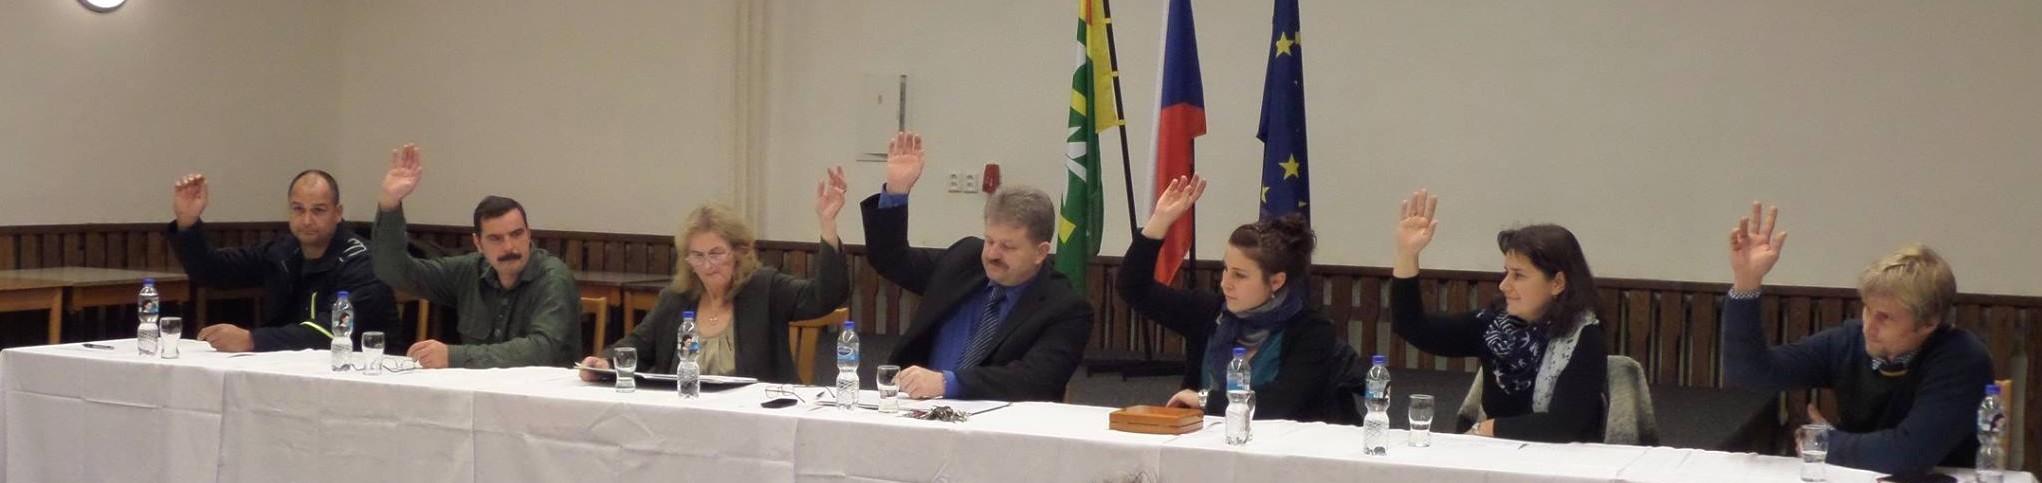 Ustavující schůze nového zastupitelstva obce